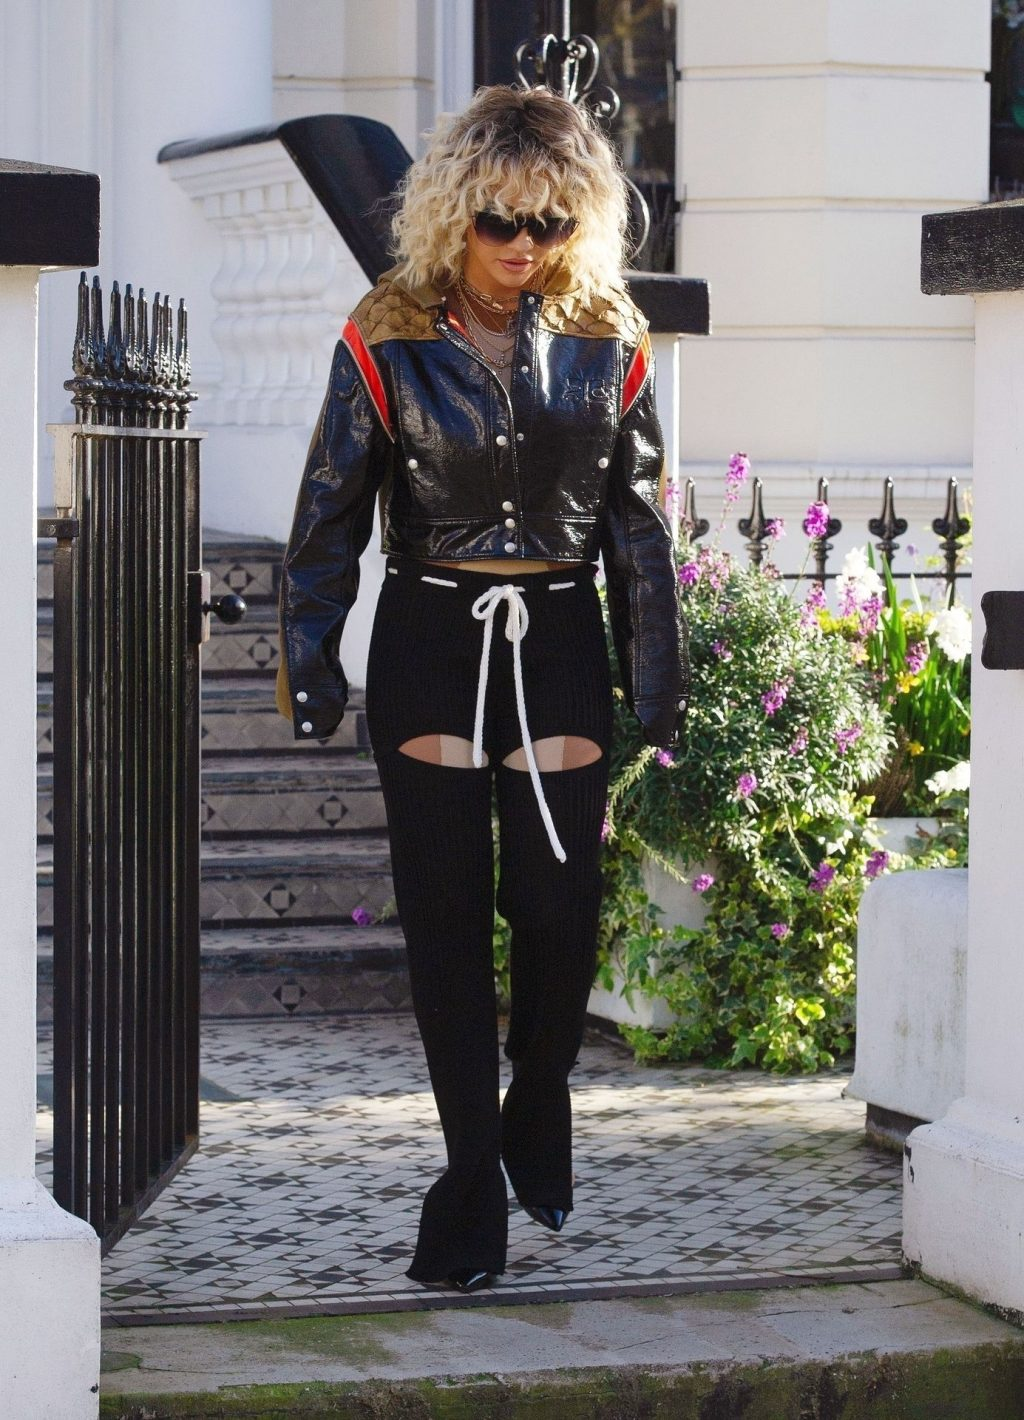 Rita Ora Is Seen at BBC Studios (155 Photos)